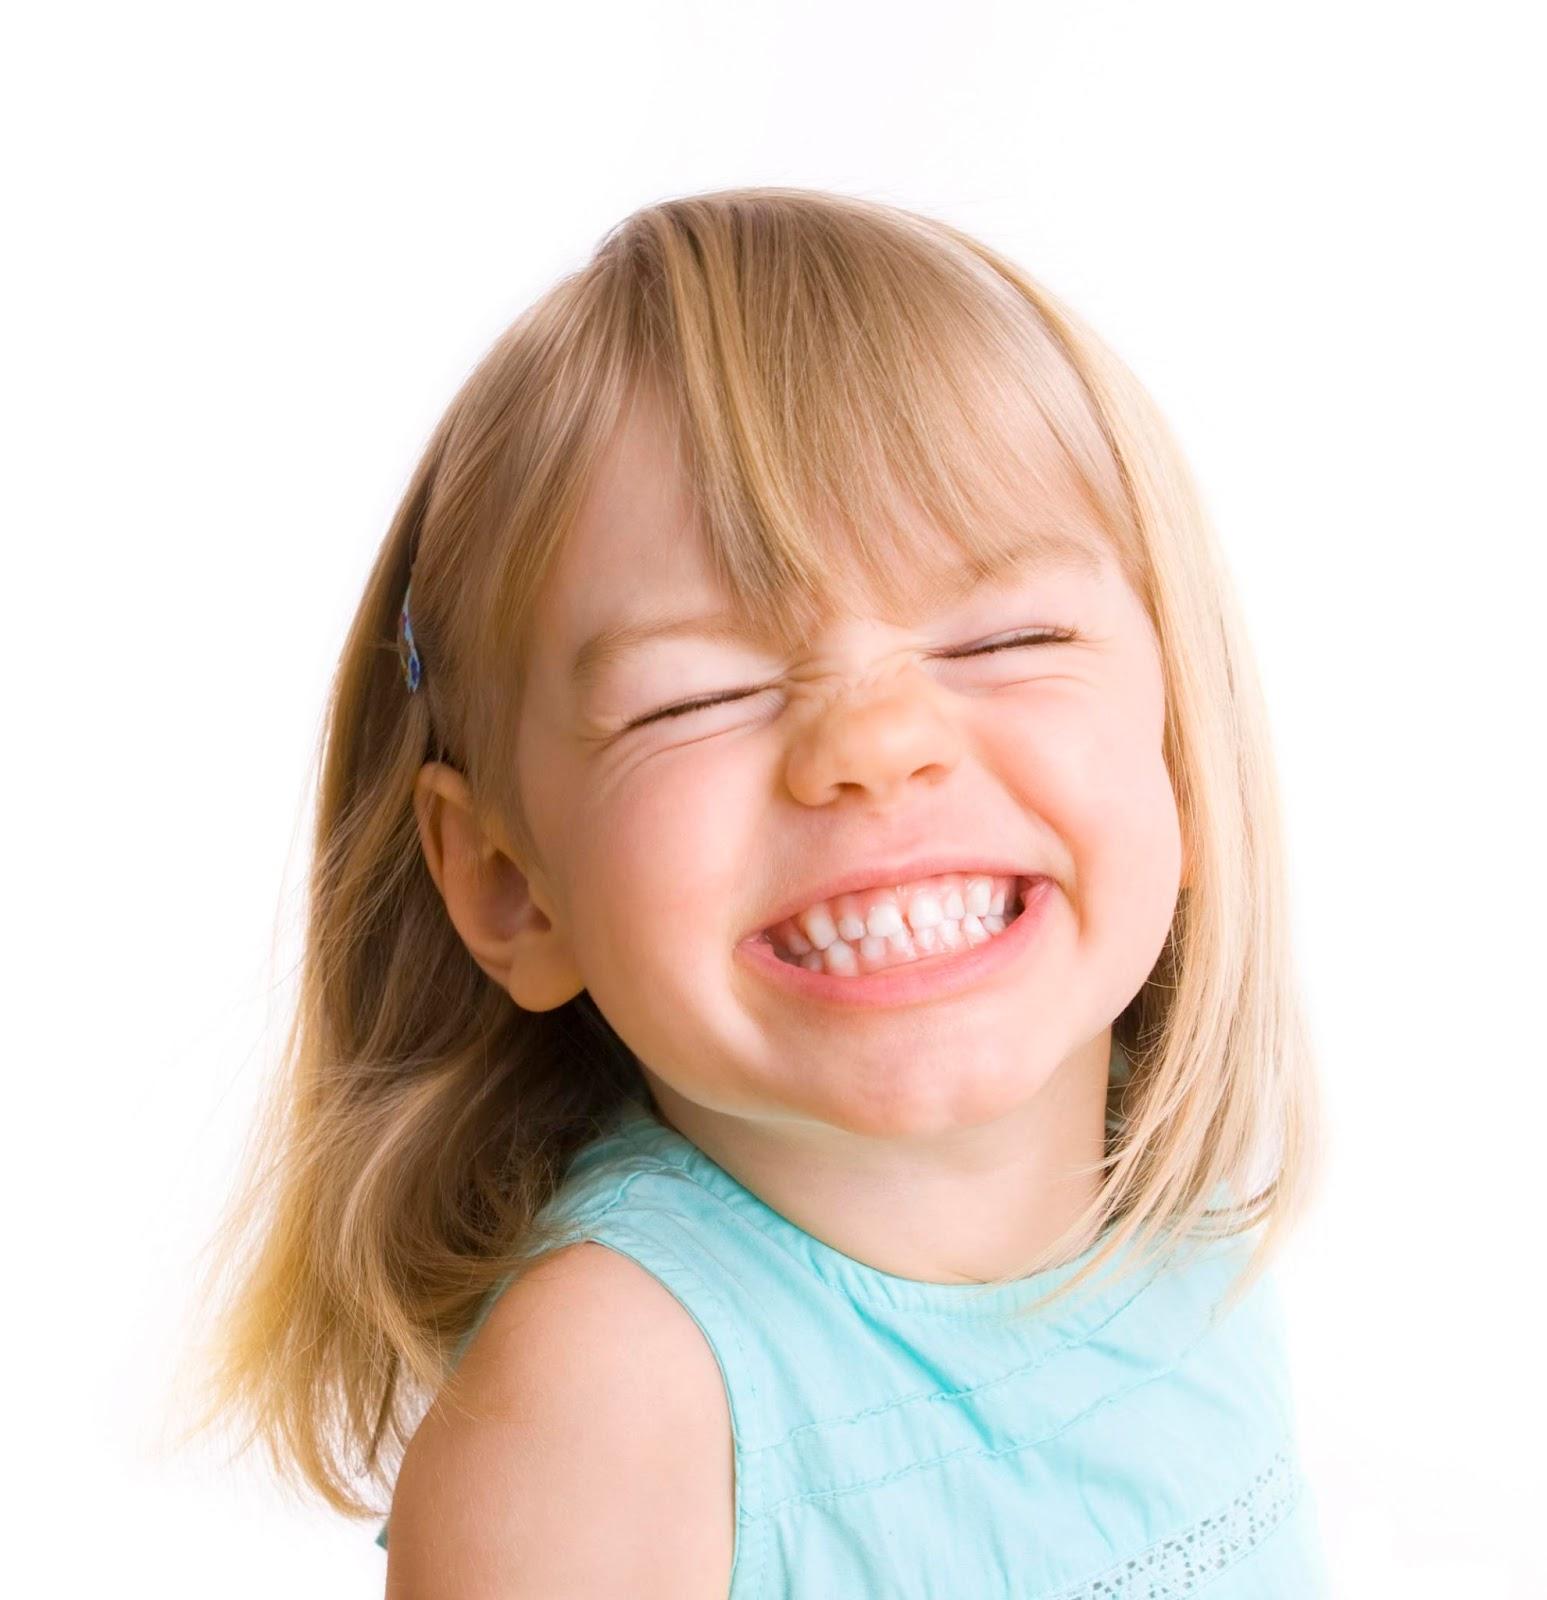 Çocuğunuzun diş bakımını sömestrda yaptırın 51